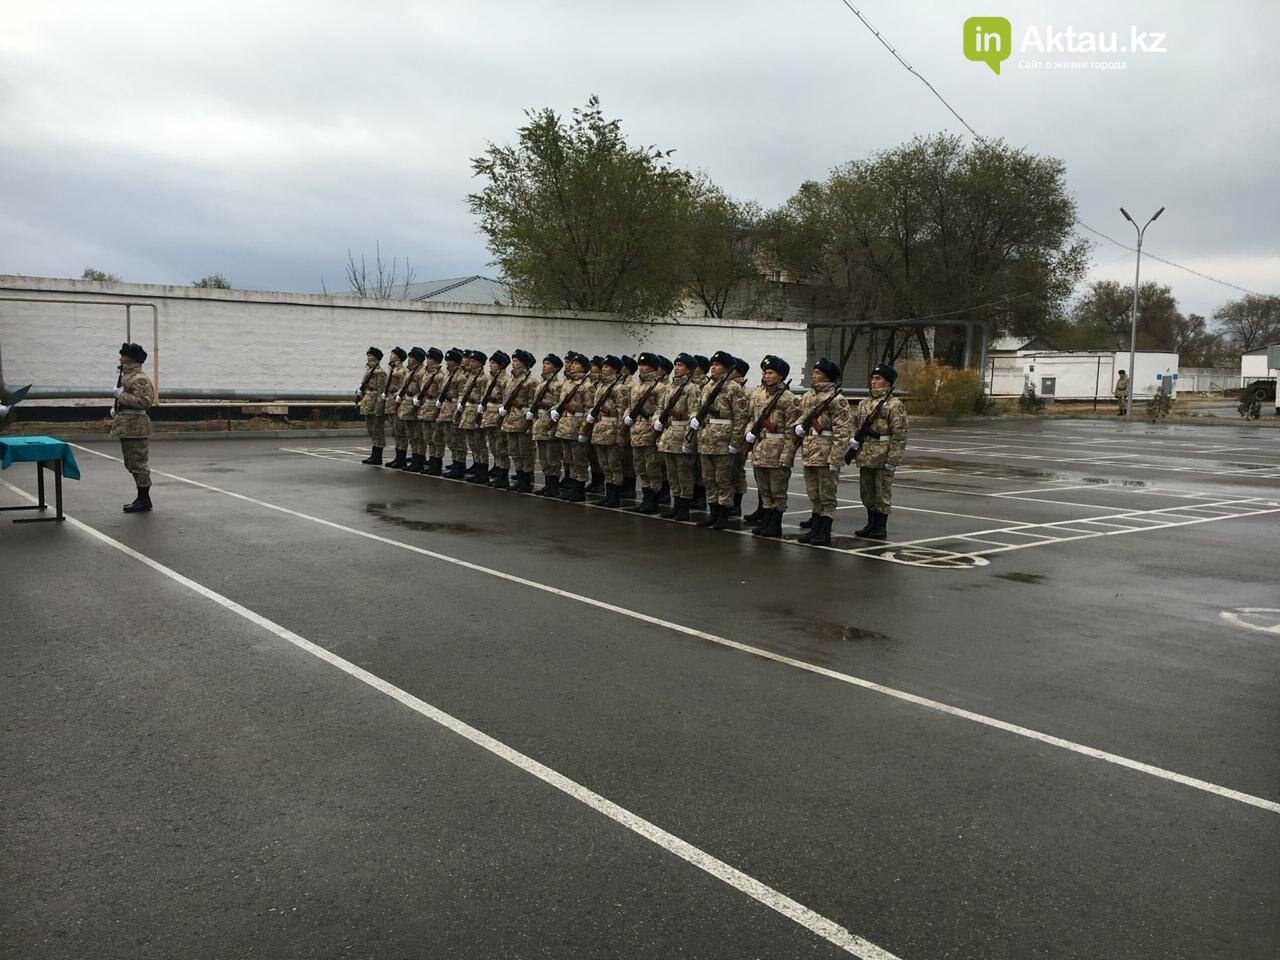 Более 80 солдат-срочников приняли присягу в Мангистау, фото-6